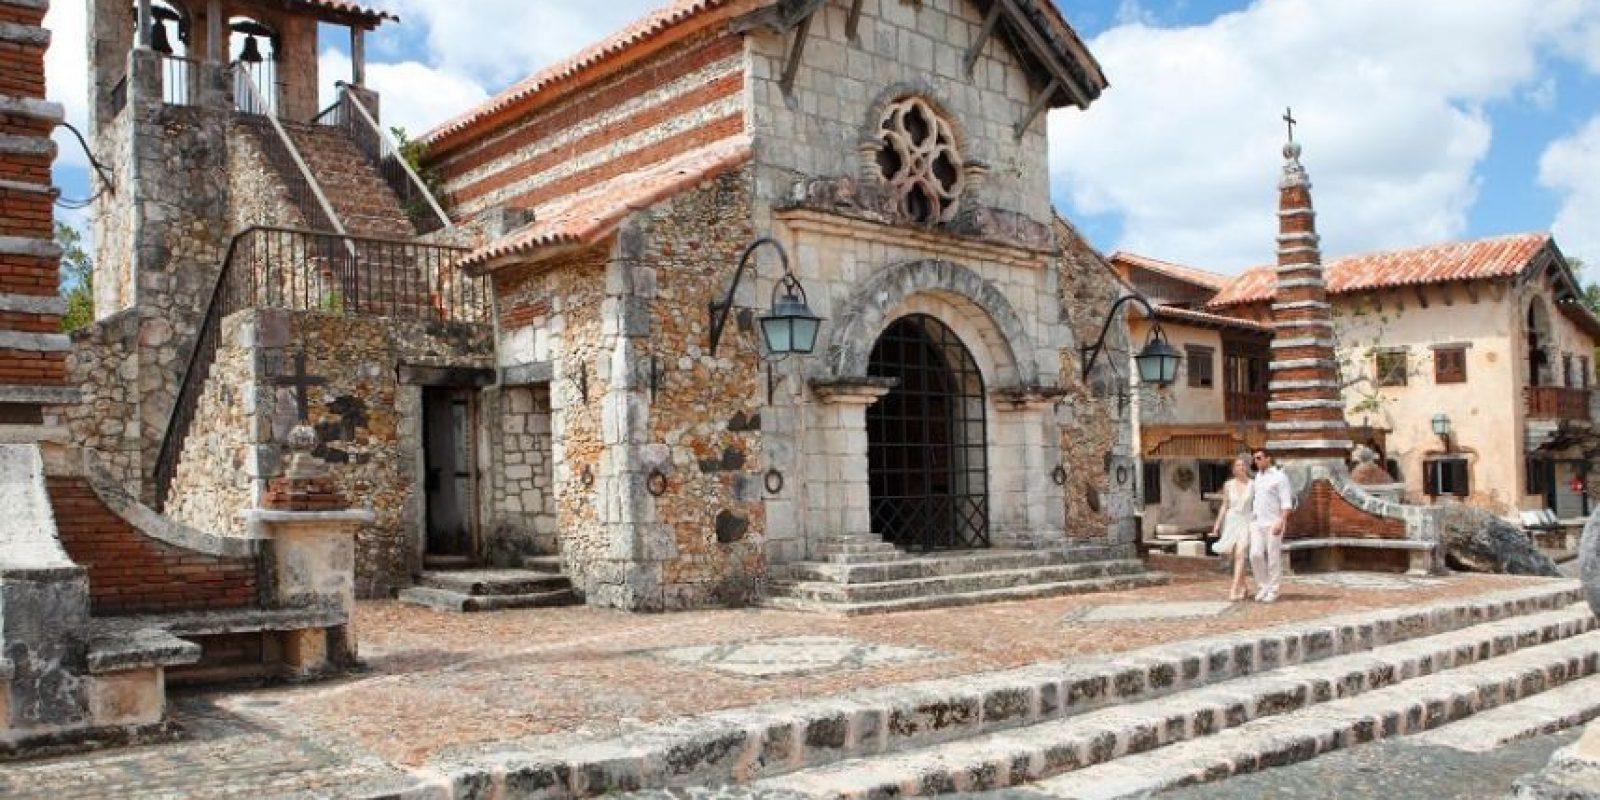 República Dominicana ofrece la oportunidad de vivir experiencias diversas como las de conocer sus edificaciones de arquitectura antigua, playas cristalinas, destinos de aventura y montañas.